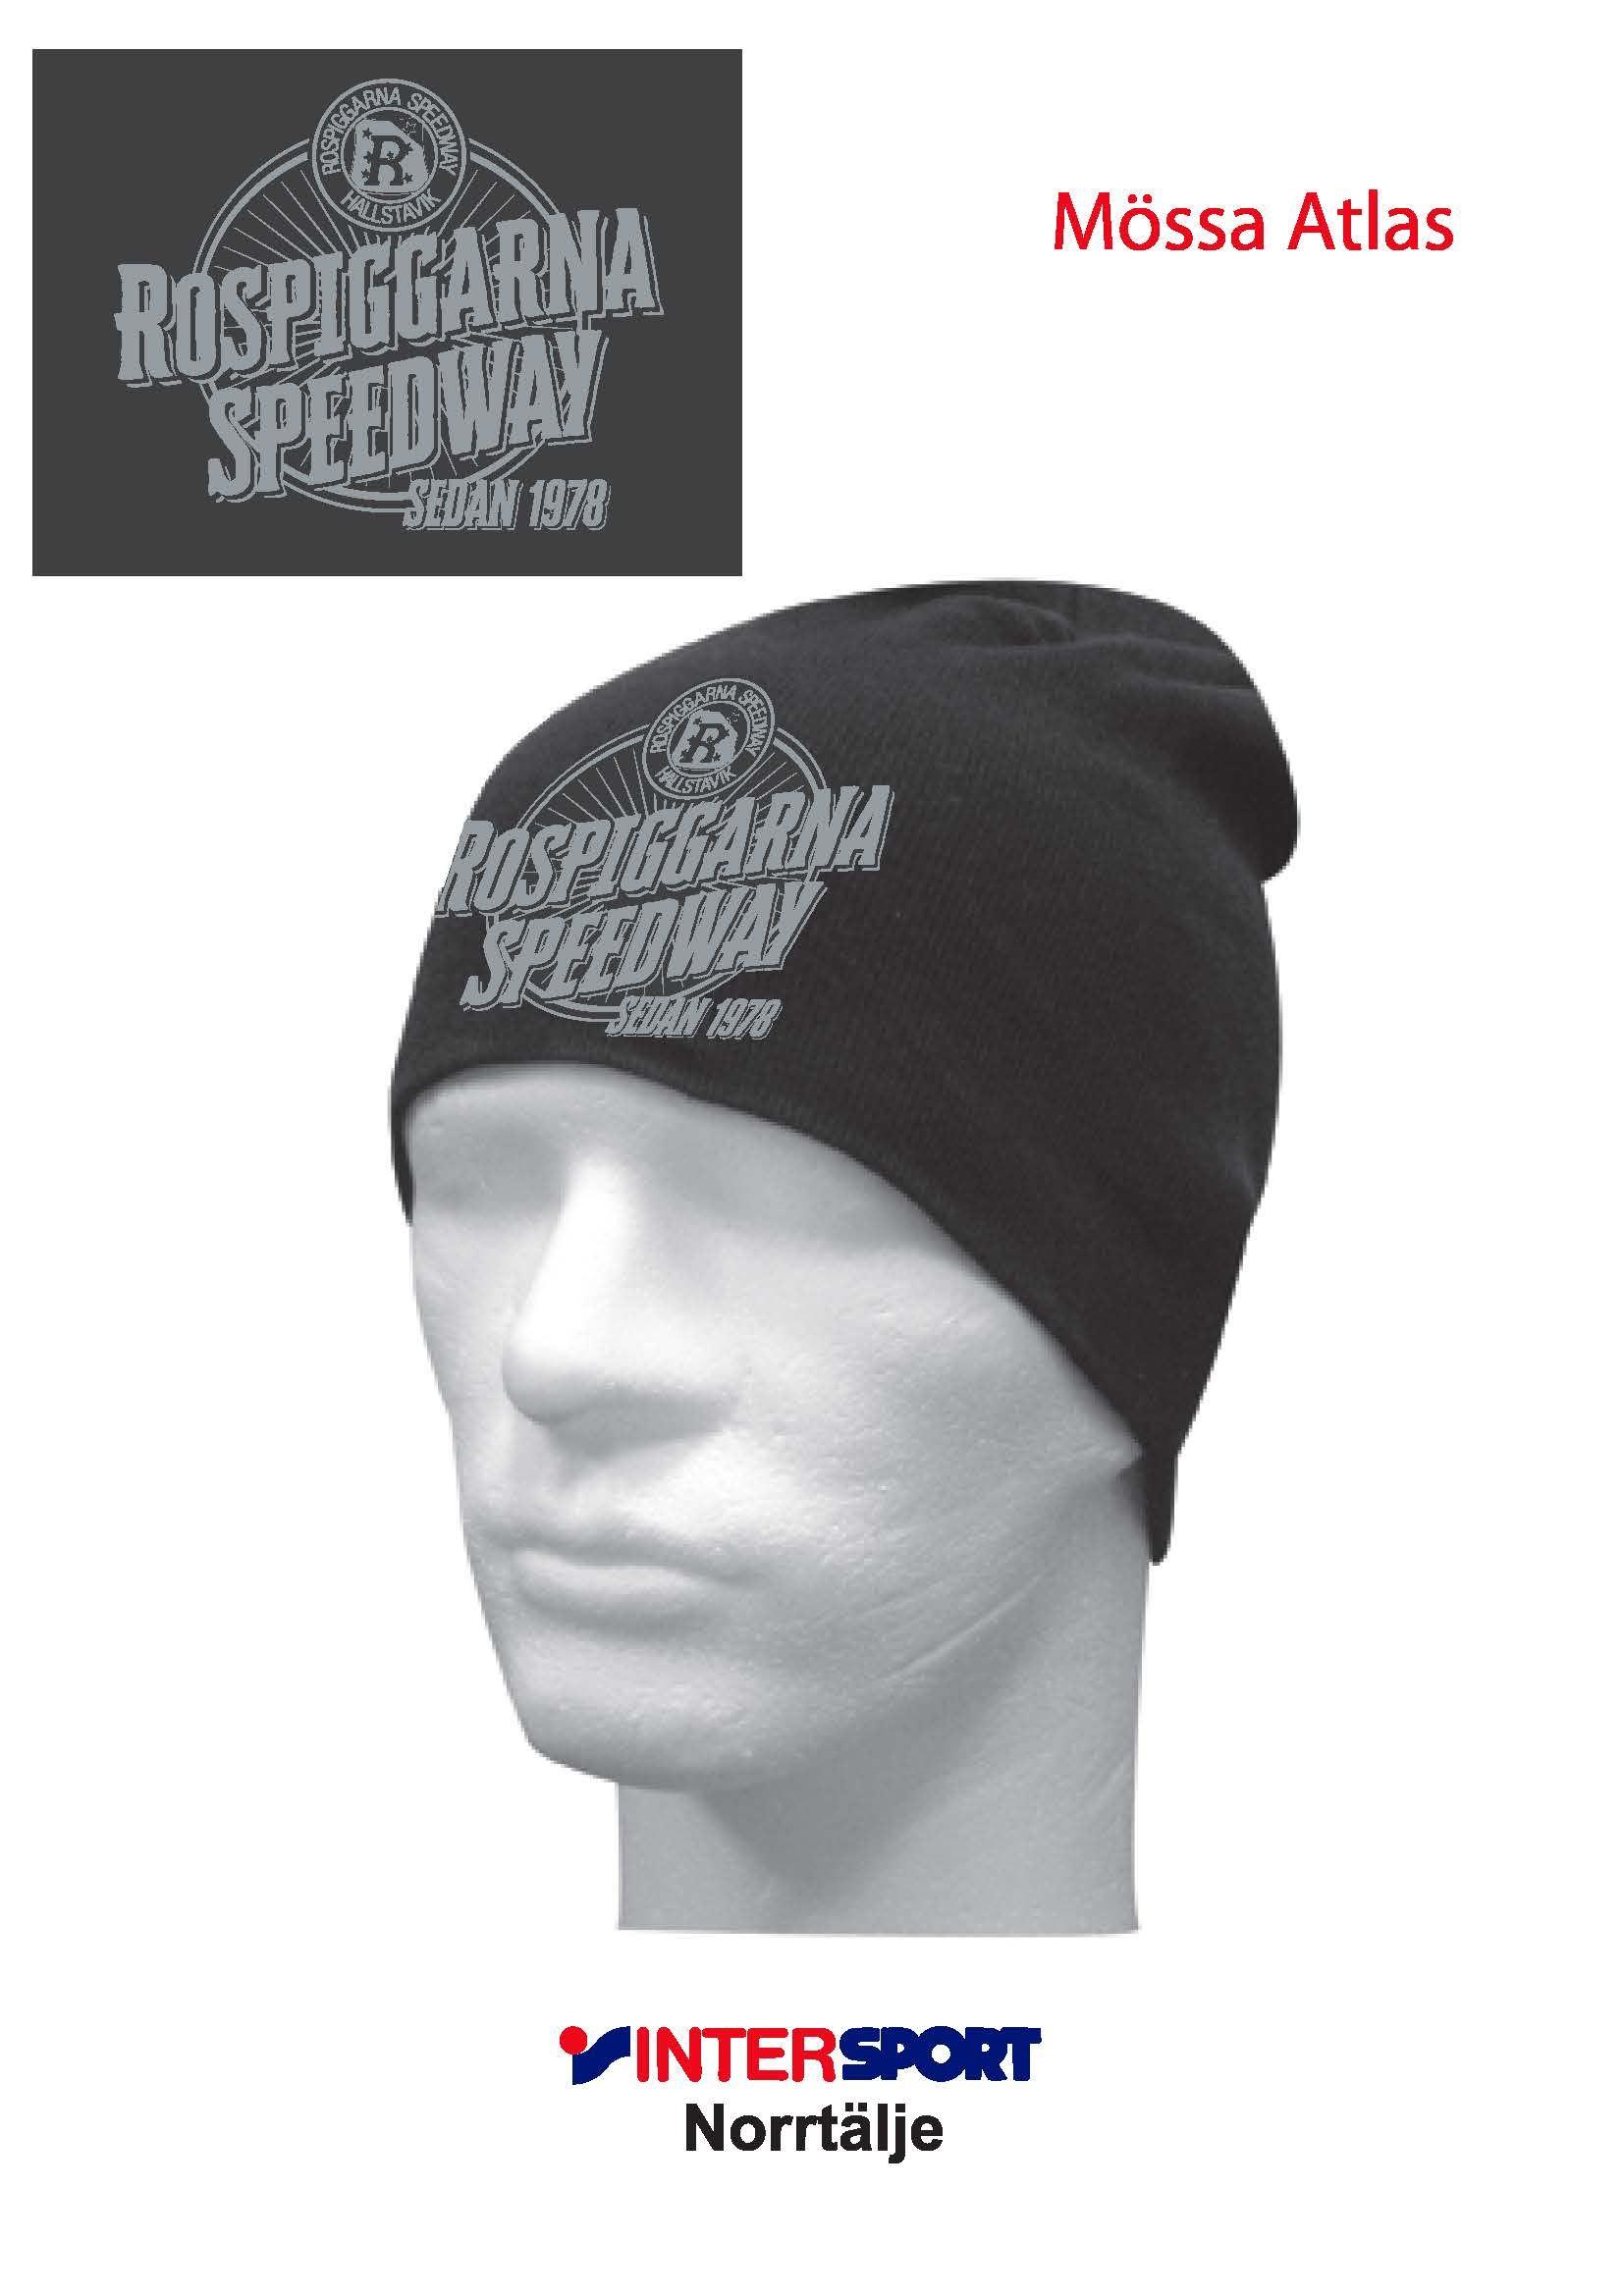 Rospiggarna Speedway Souvenirer